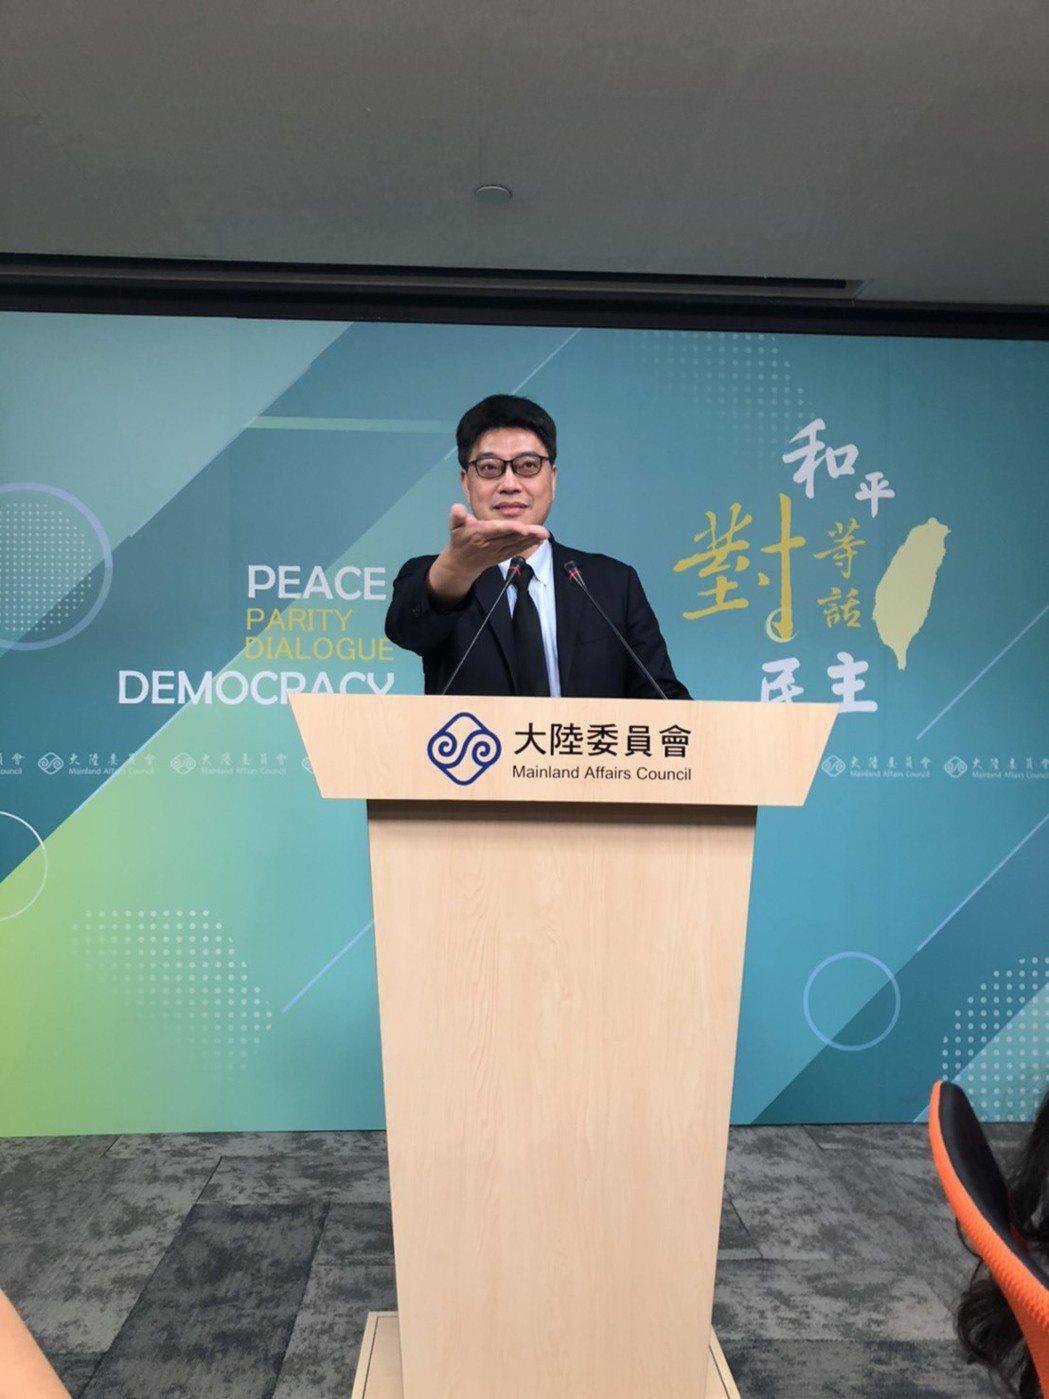 新黨主席吳成典日前參加海峽論壇,倡議「一國兩制台灣方案」,陸委會24日表示,將會...